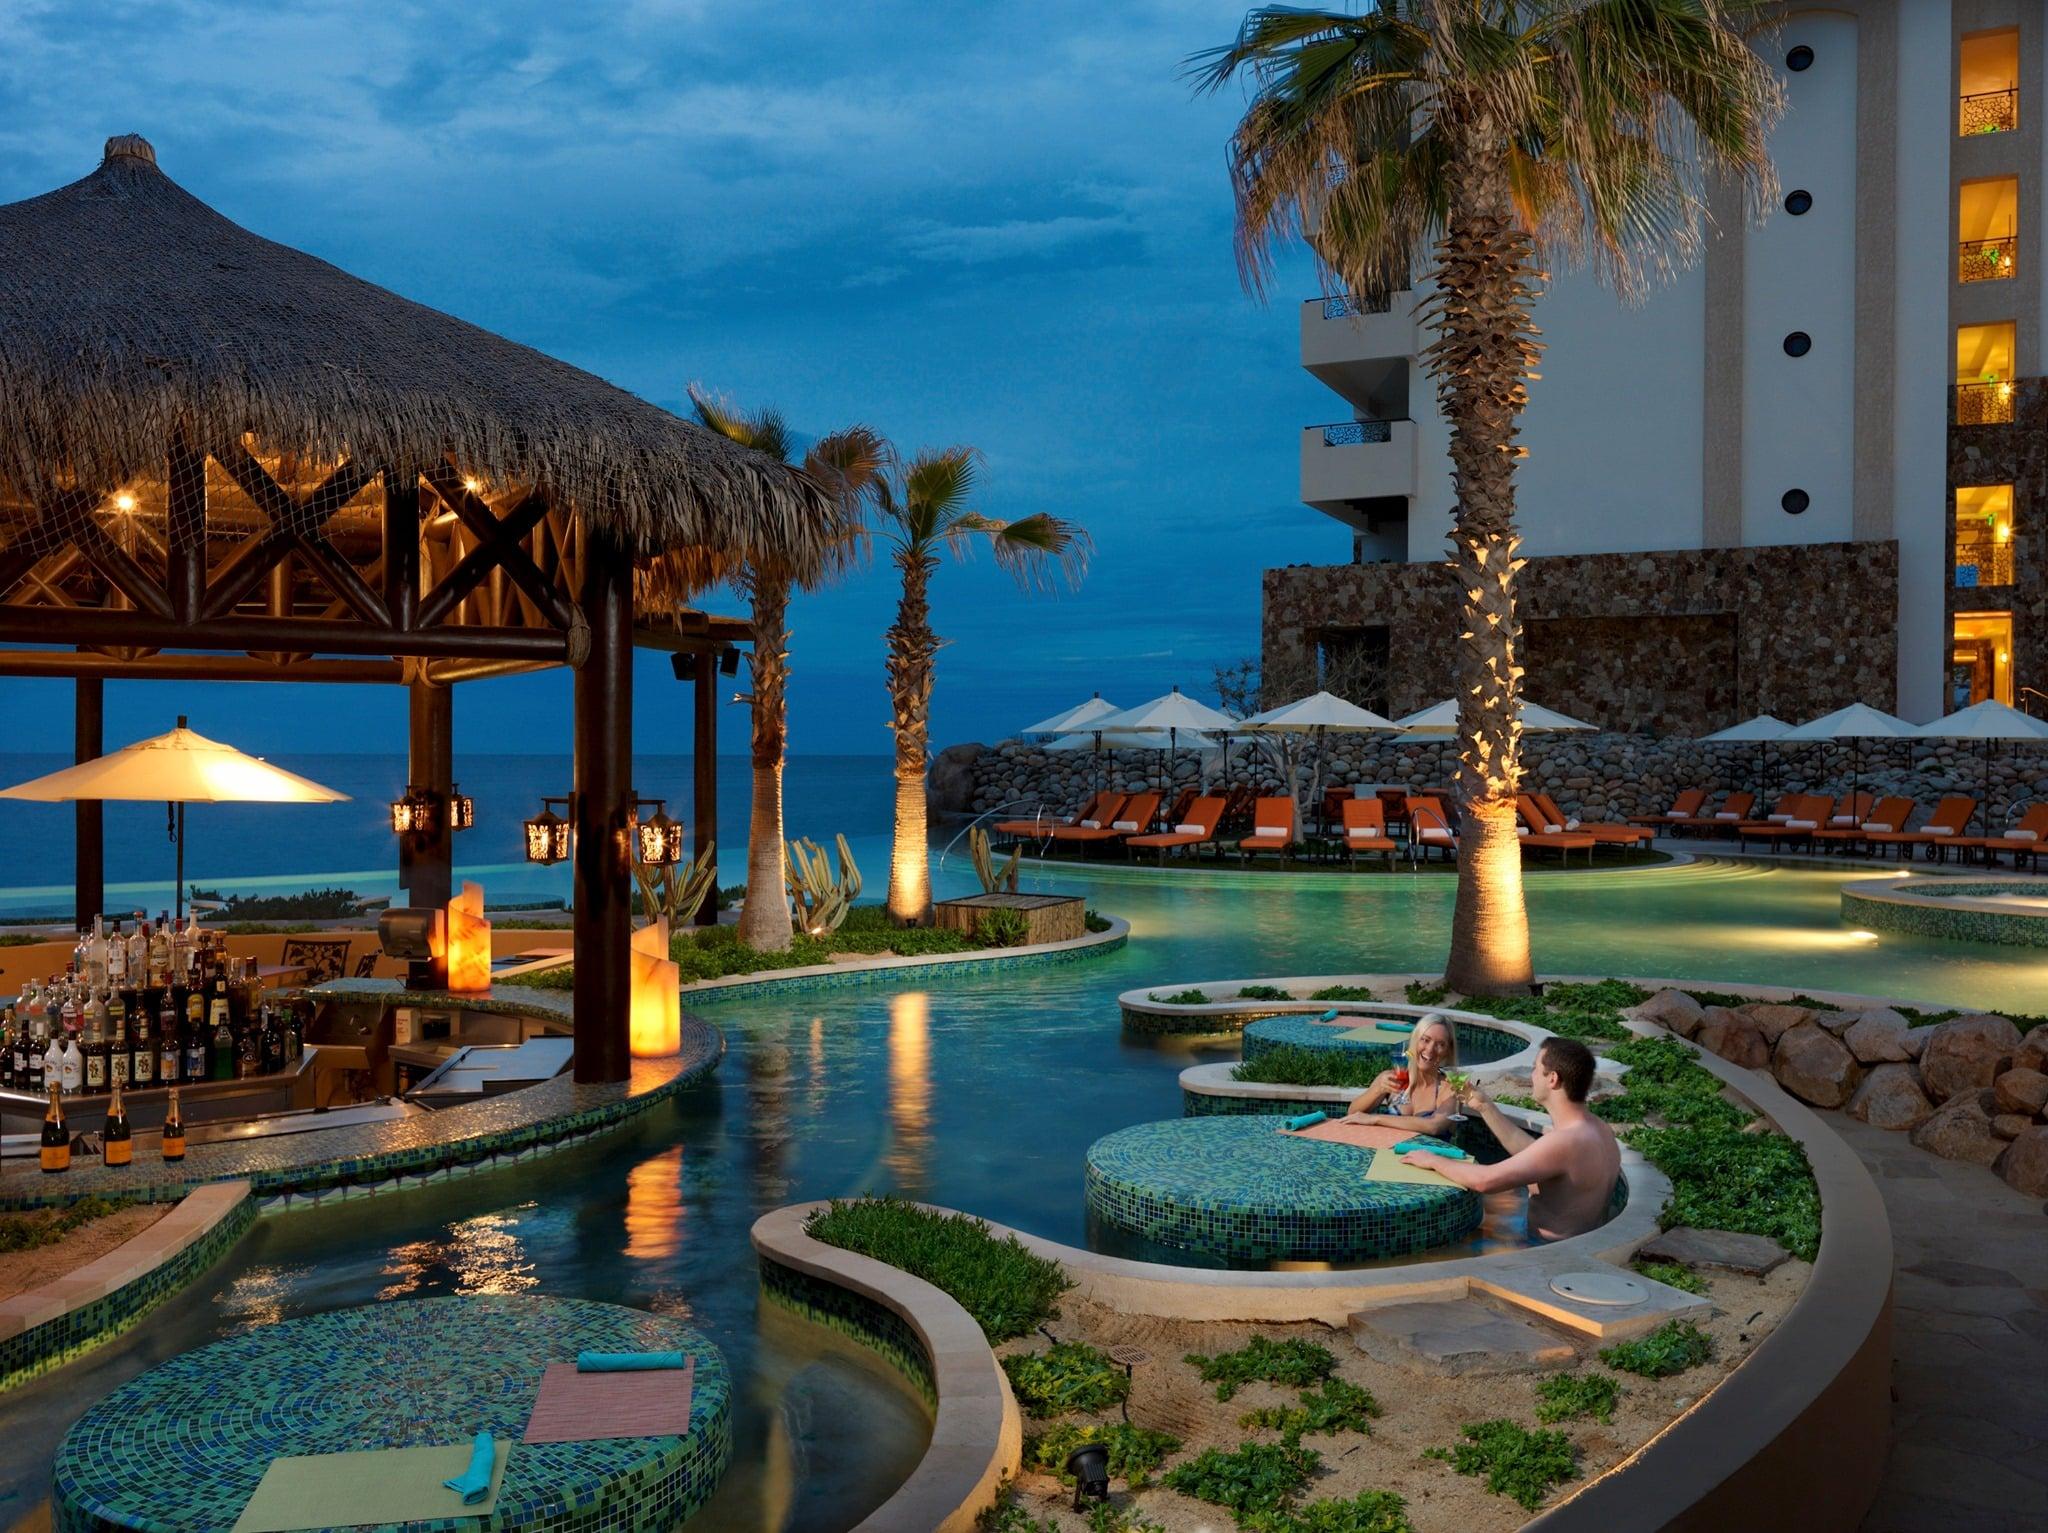 Grand Solmar Vacation Club pool